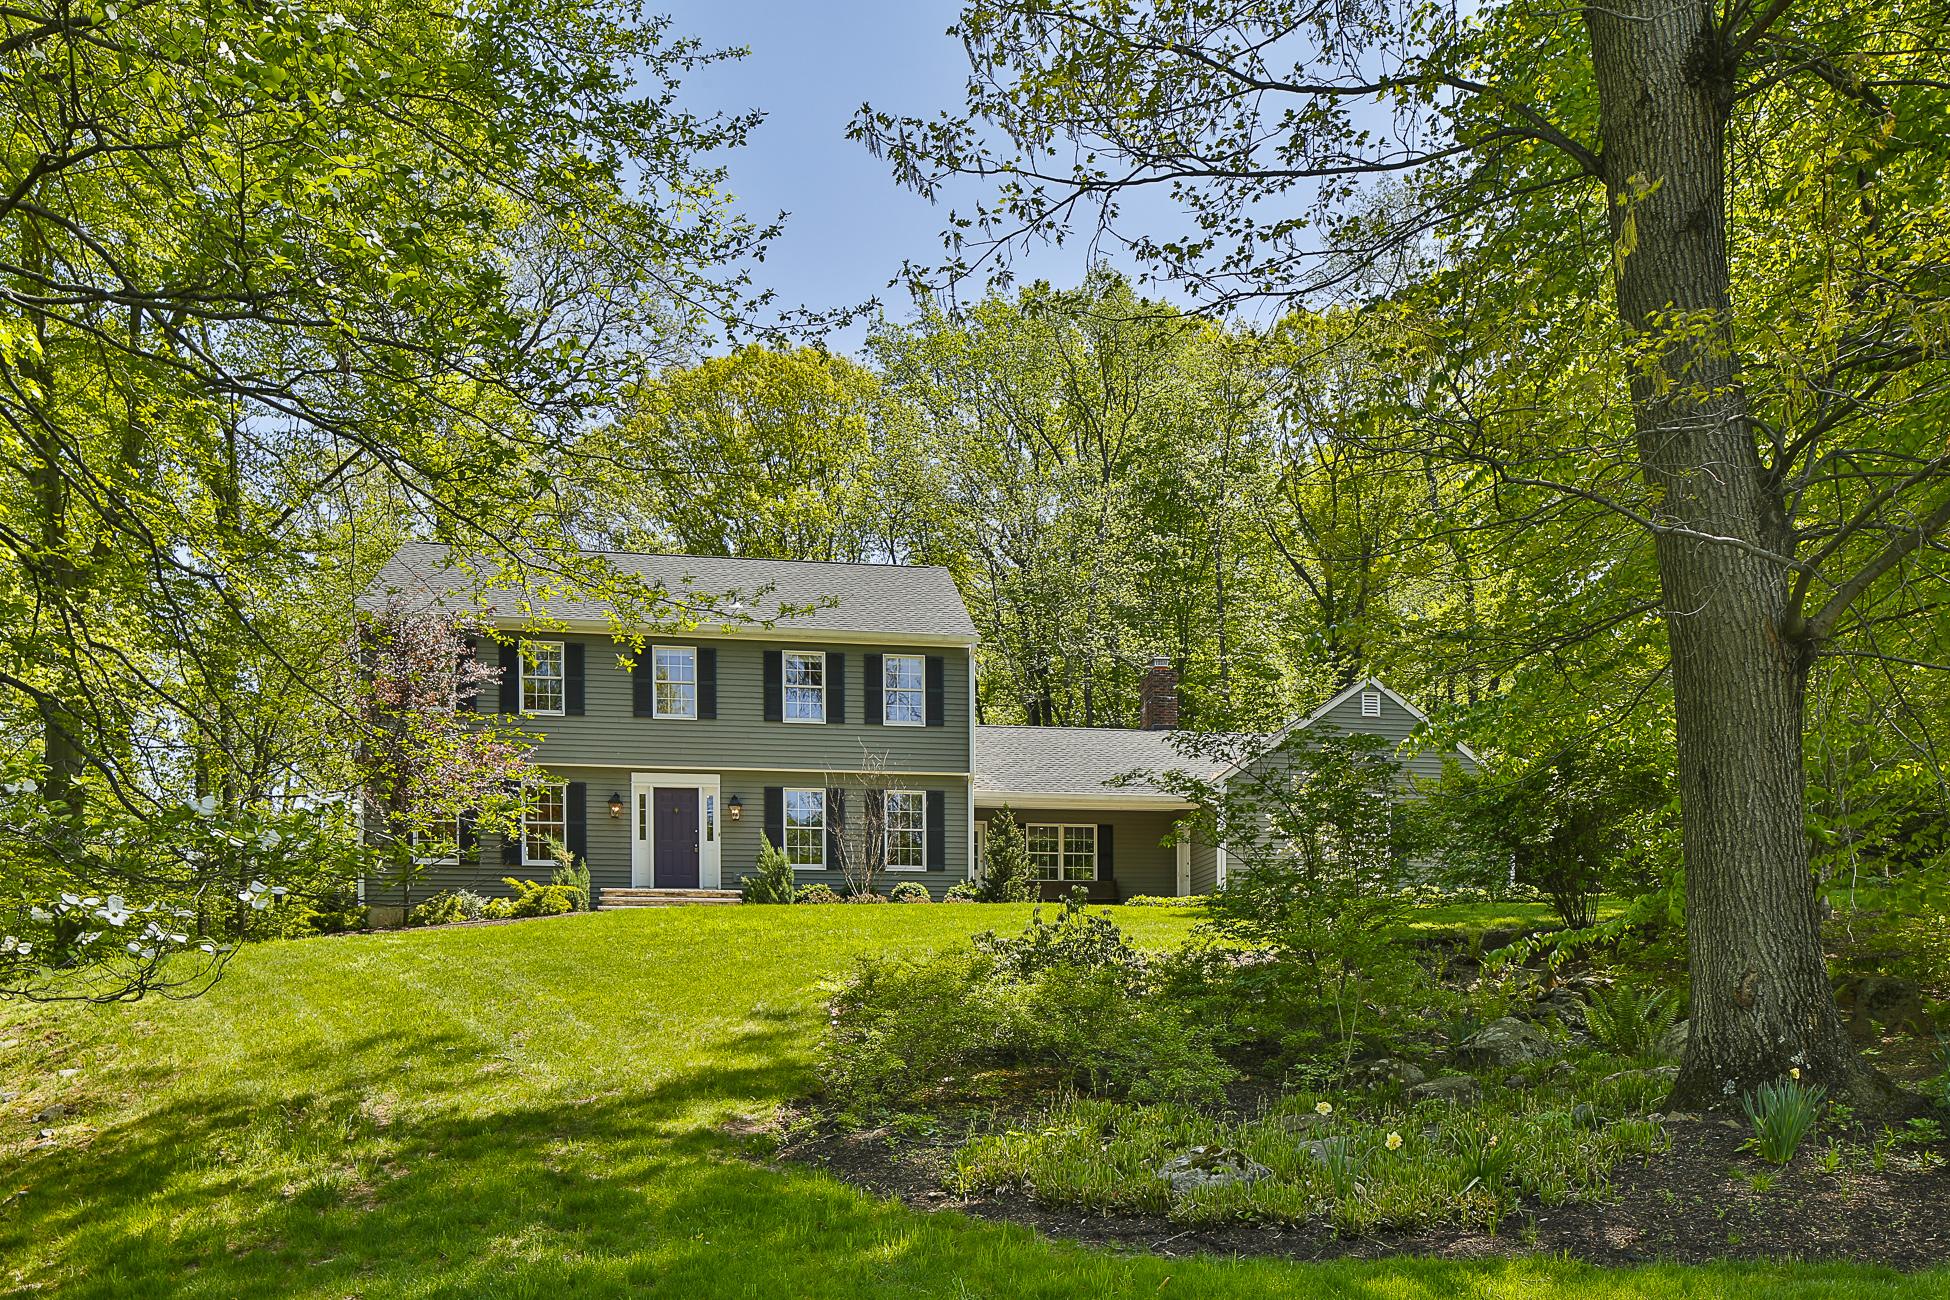 Casa Unifamiliar por un Venta en Classic Elegance 49 Dogwood Hill Princeton, Nueva Jersey 08540 Estados Unidos